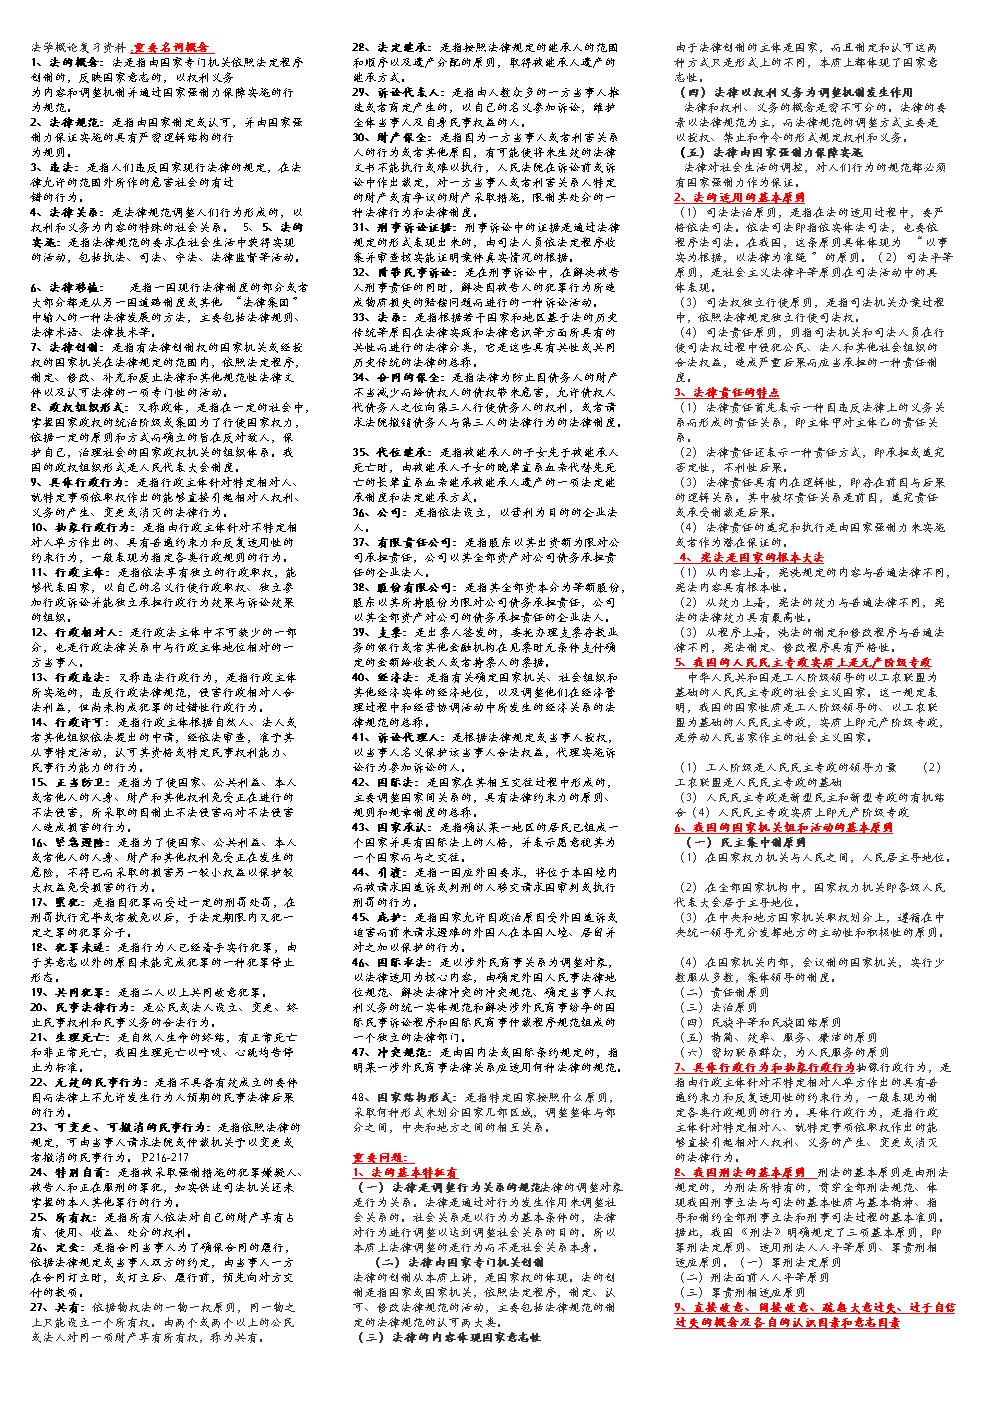 法学概论复习资料重点难点(已排版).doc